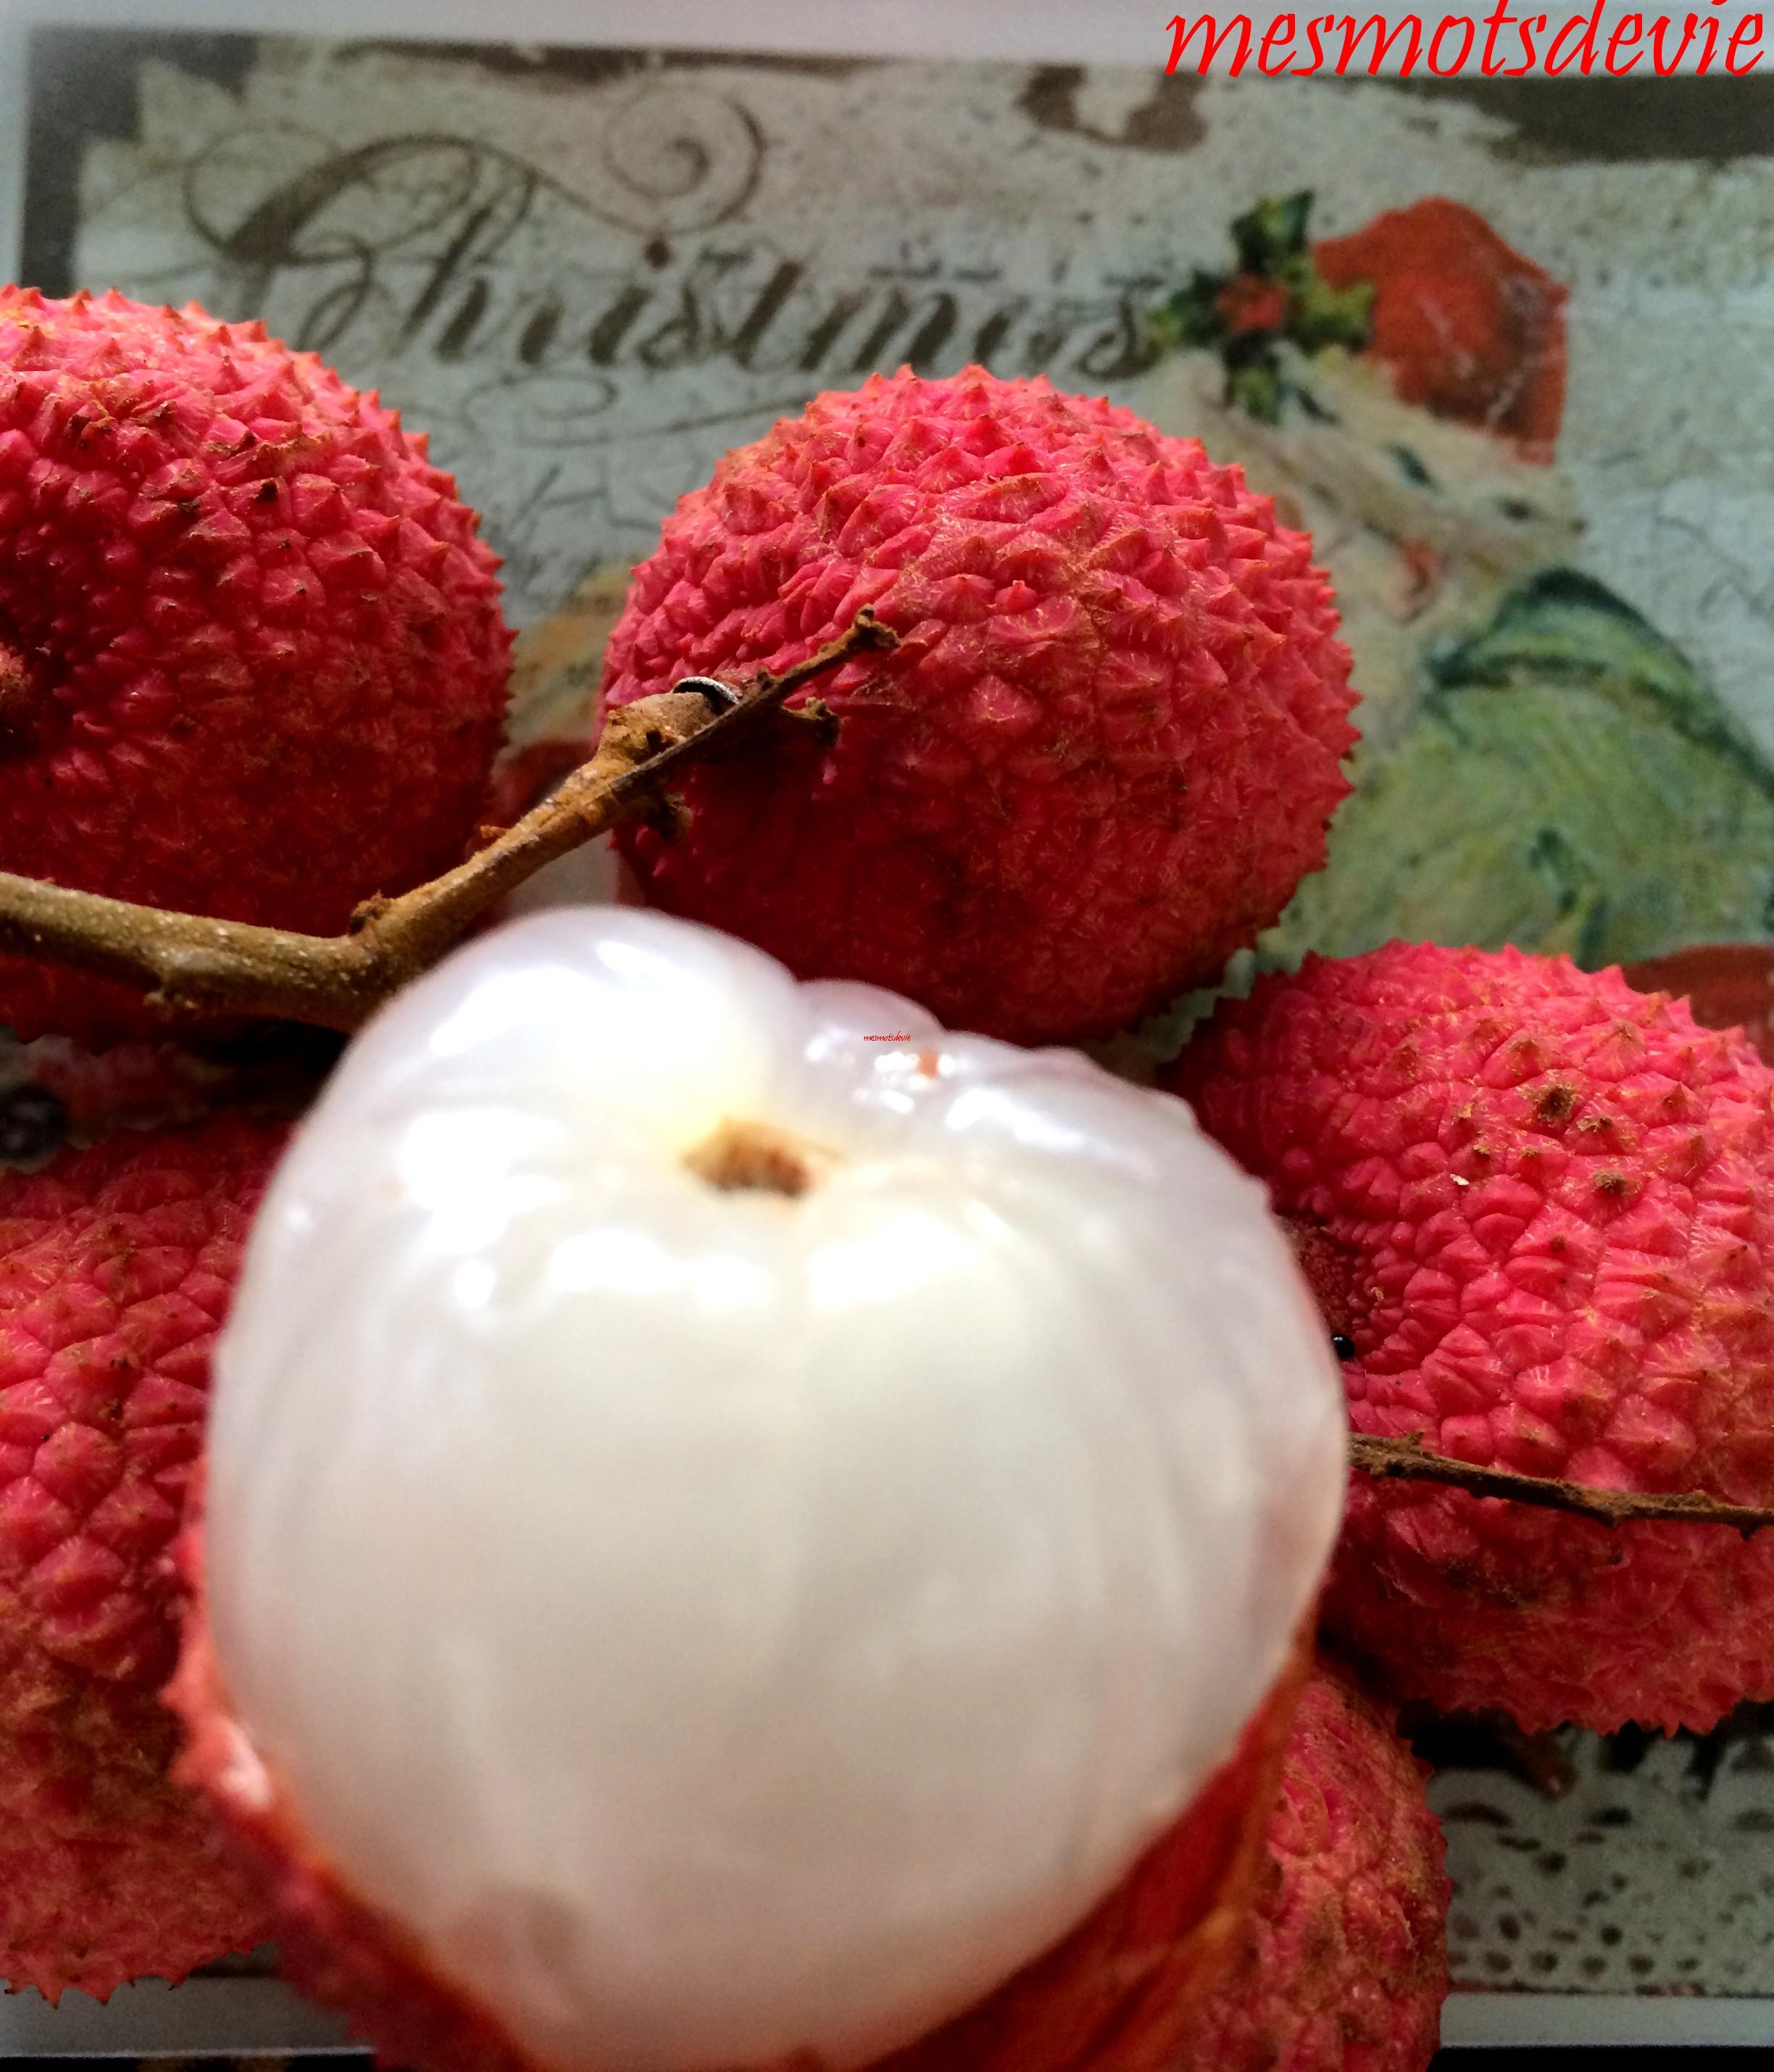 Le Fruit de la vie